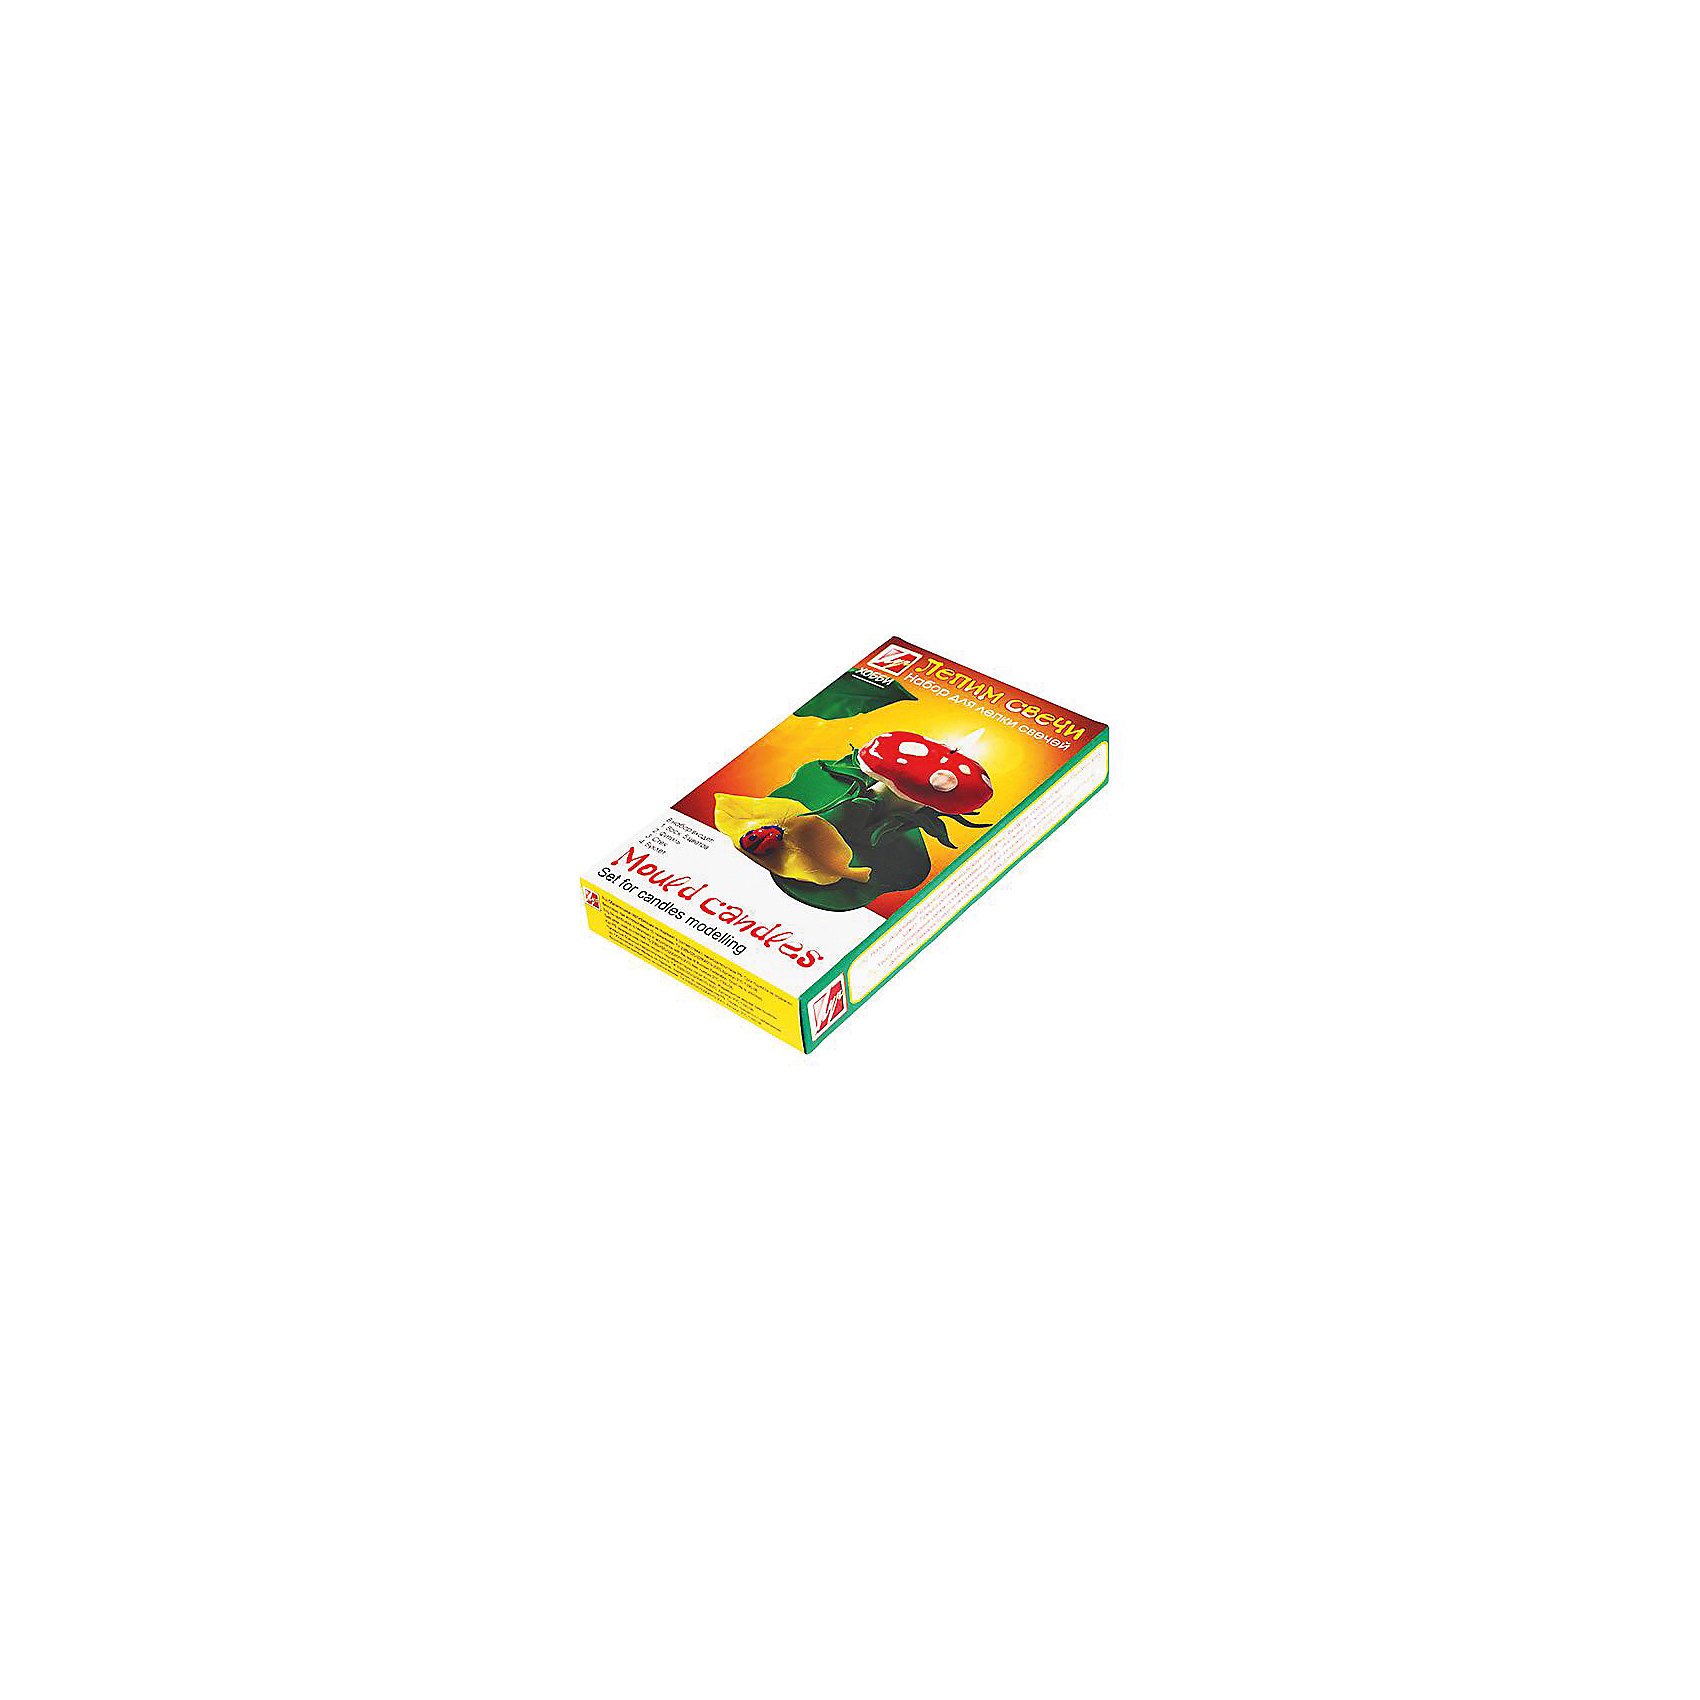 Набор для творчества Лепим свечи КлассикаХарактеристики:<br><br>• Предназначение: для занятий лепкой<br>• Пол: универсальный<br>• Коллекция: Классика<br>• Тема: гриб<br>• Комплектация: парафин, фитиль, инструкция, стек<br>• Материал: парафин, текстиль, пластик, картон<br>• Размеры упаковки (Д*Ш*В): 11*3*18,5 см<br>• Вес упаковки: 300 г <br>• Упаковка: картонная коробка<br><br>Набор для творчества Лепим свечи Классика от отечественной компании Луч, специализирующейся на выпуске канцелярских товаров и товаров для занятий творчеством. Набор состоит из материалов и приспособлений, необходимых для создания свечки Грибочек. Все материалы, использованные в комплекте безопасны и нетоксичны, они не вызывают аллергических реакций. Уникальность набора заключается в том, что парафин для создания свечи выполнен в форме пластин и для придания ему нужной формы не требуется его подвергать термической обработке, что делает набор безопасным даже для детей младшего дошкольного возраста. Набор для изготовления свечей может стать прекрасным вариантов в качестве подарка к праздникам не только для детей, но и для взрослых, которые увлекаются занятиями творчеством. С помощью набора можно создать оригинальные подарки для родных и близких. Занятия творчеством развивают мелкую моторику рук, способствуют формированию художественно-эстетического вкуса и дарят хорошее настроение не только ребенку, но и окружающим!<br><br>Набор для творчества Лепим свечи Классика можно купить в нашем интернет-магазине.<br><br>Ширина мм: 111<br>Глубина мм: 31<br>Высота мм: 187<br>Вес г: 554<br>Возраст от месяцев: 36<br>Возраст до месяцев: 180<br>Пол: Унисекс<br>Возраст: Детский<br>SKU: 5188807